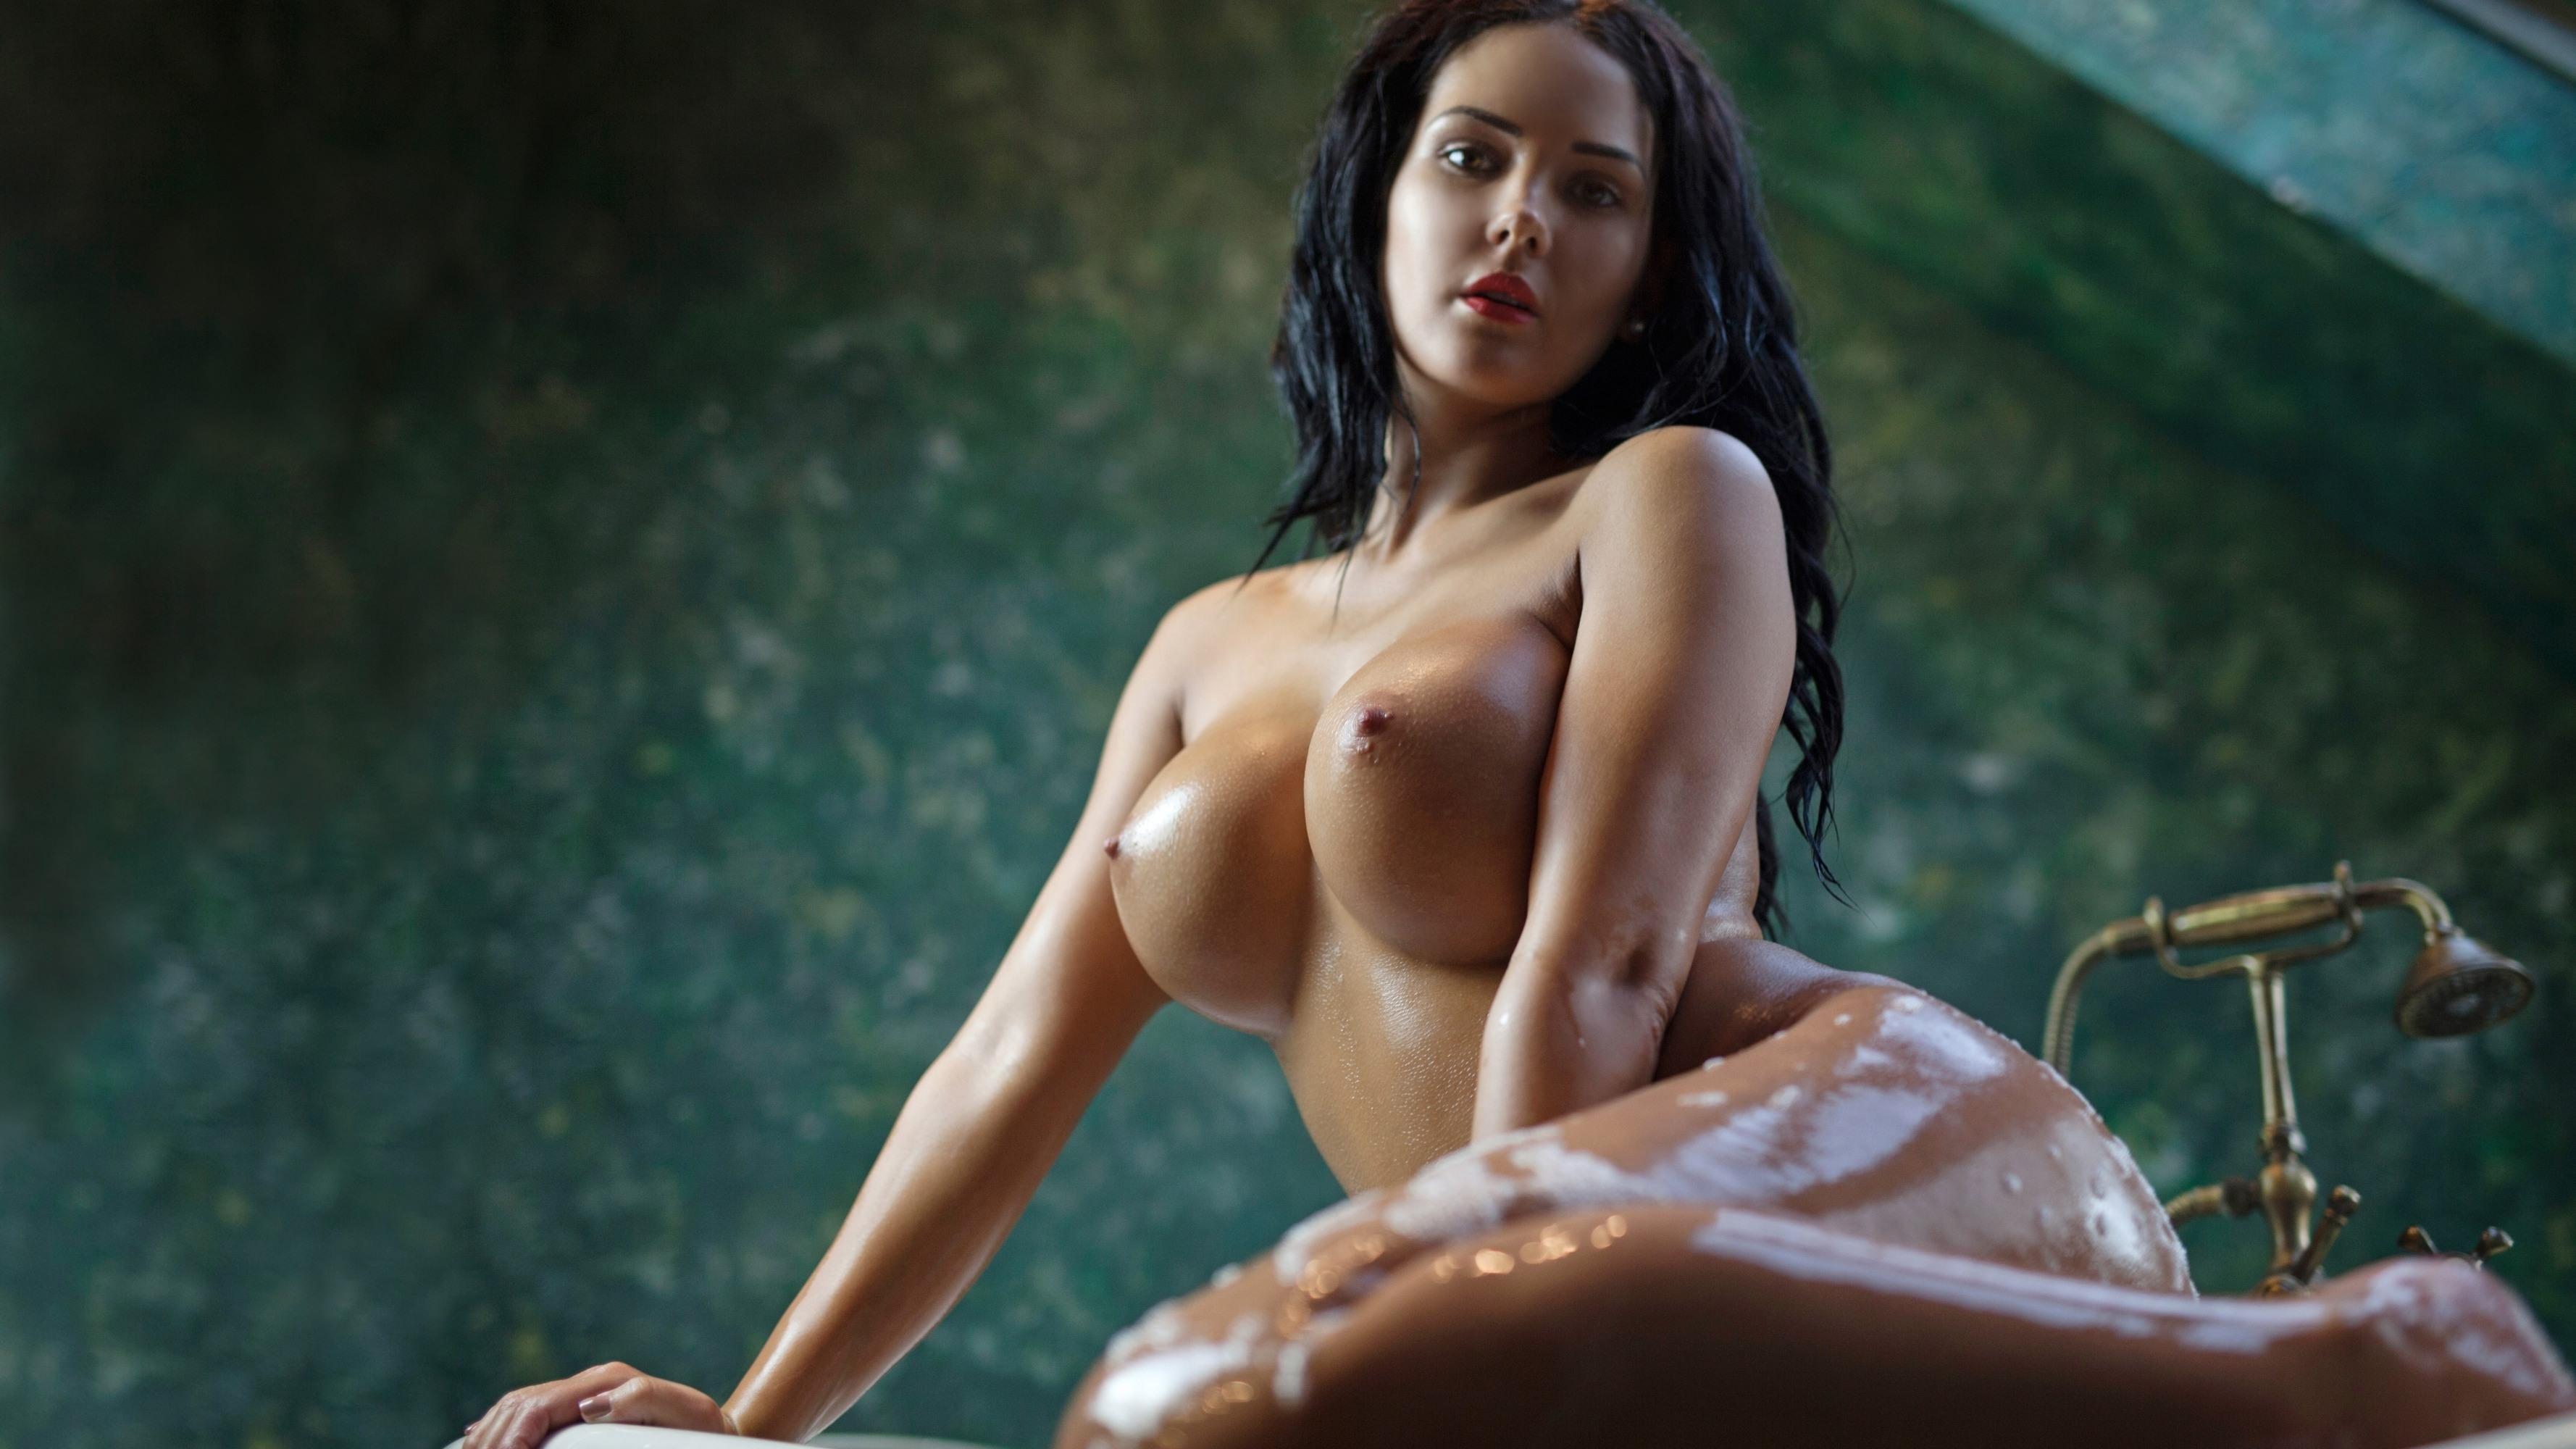 Фото Мокрые большие сиськи, влажная соблазнительная брюнетка выходит из ванны, классные сиськи, мокрые сочные ляжки, скачать картинку бесплатно